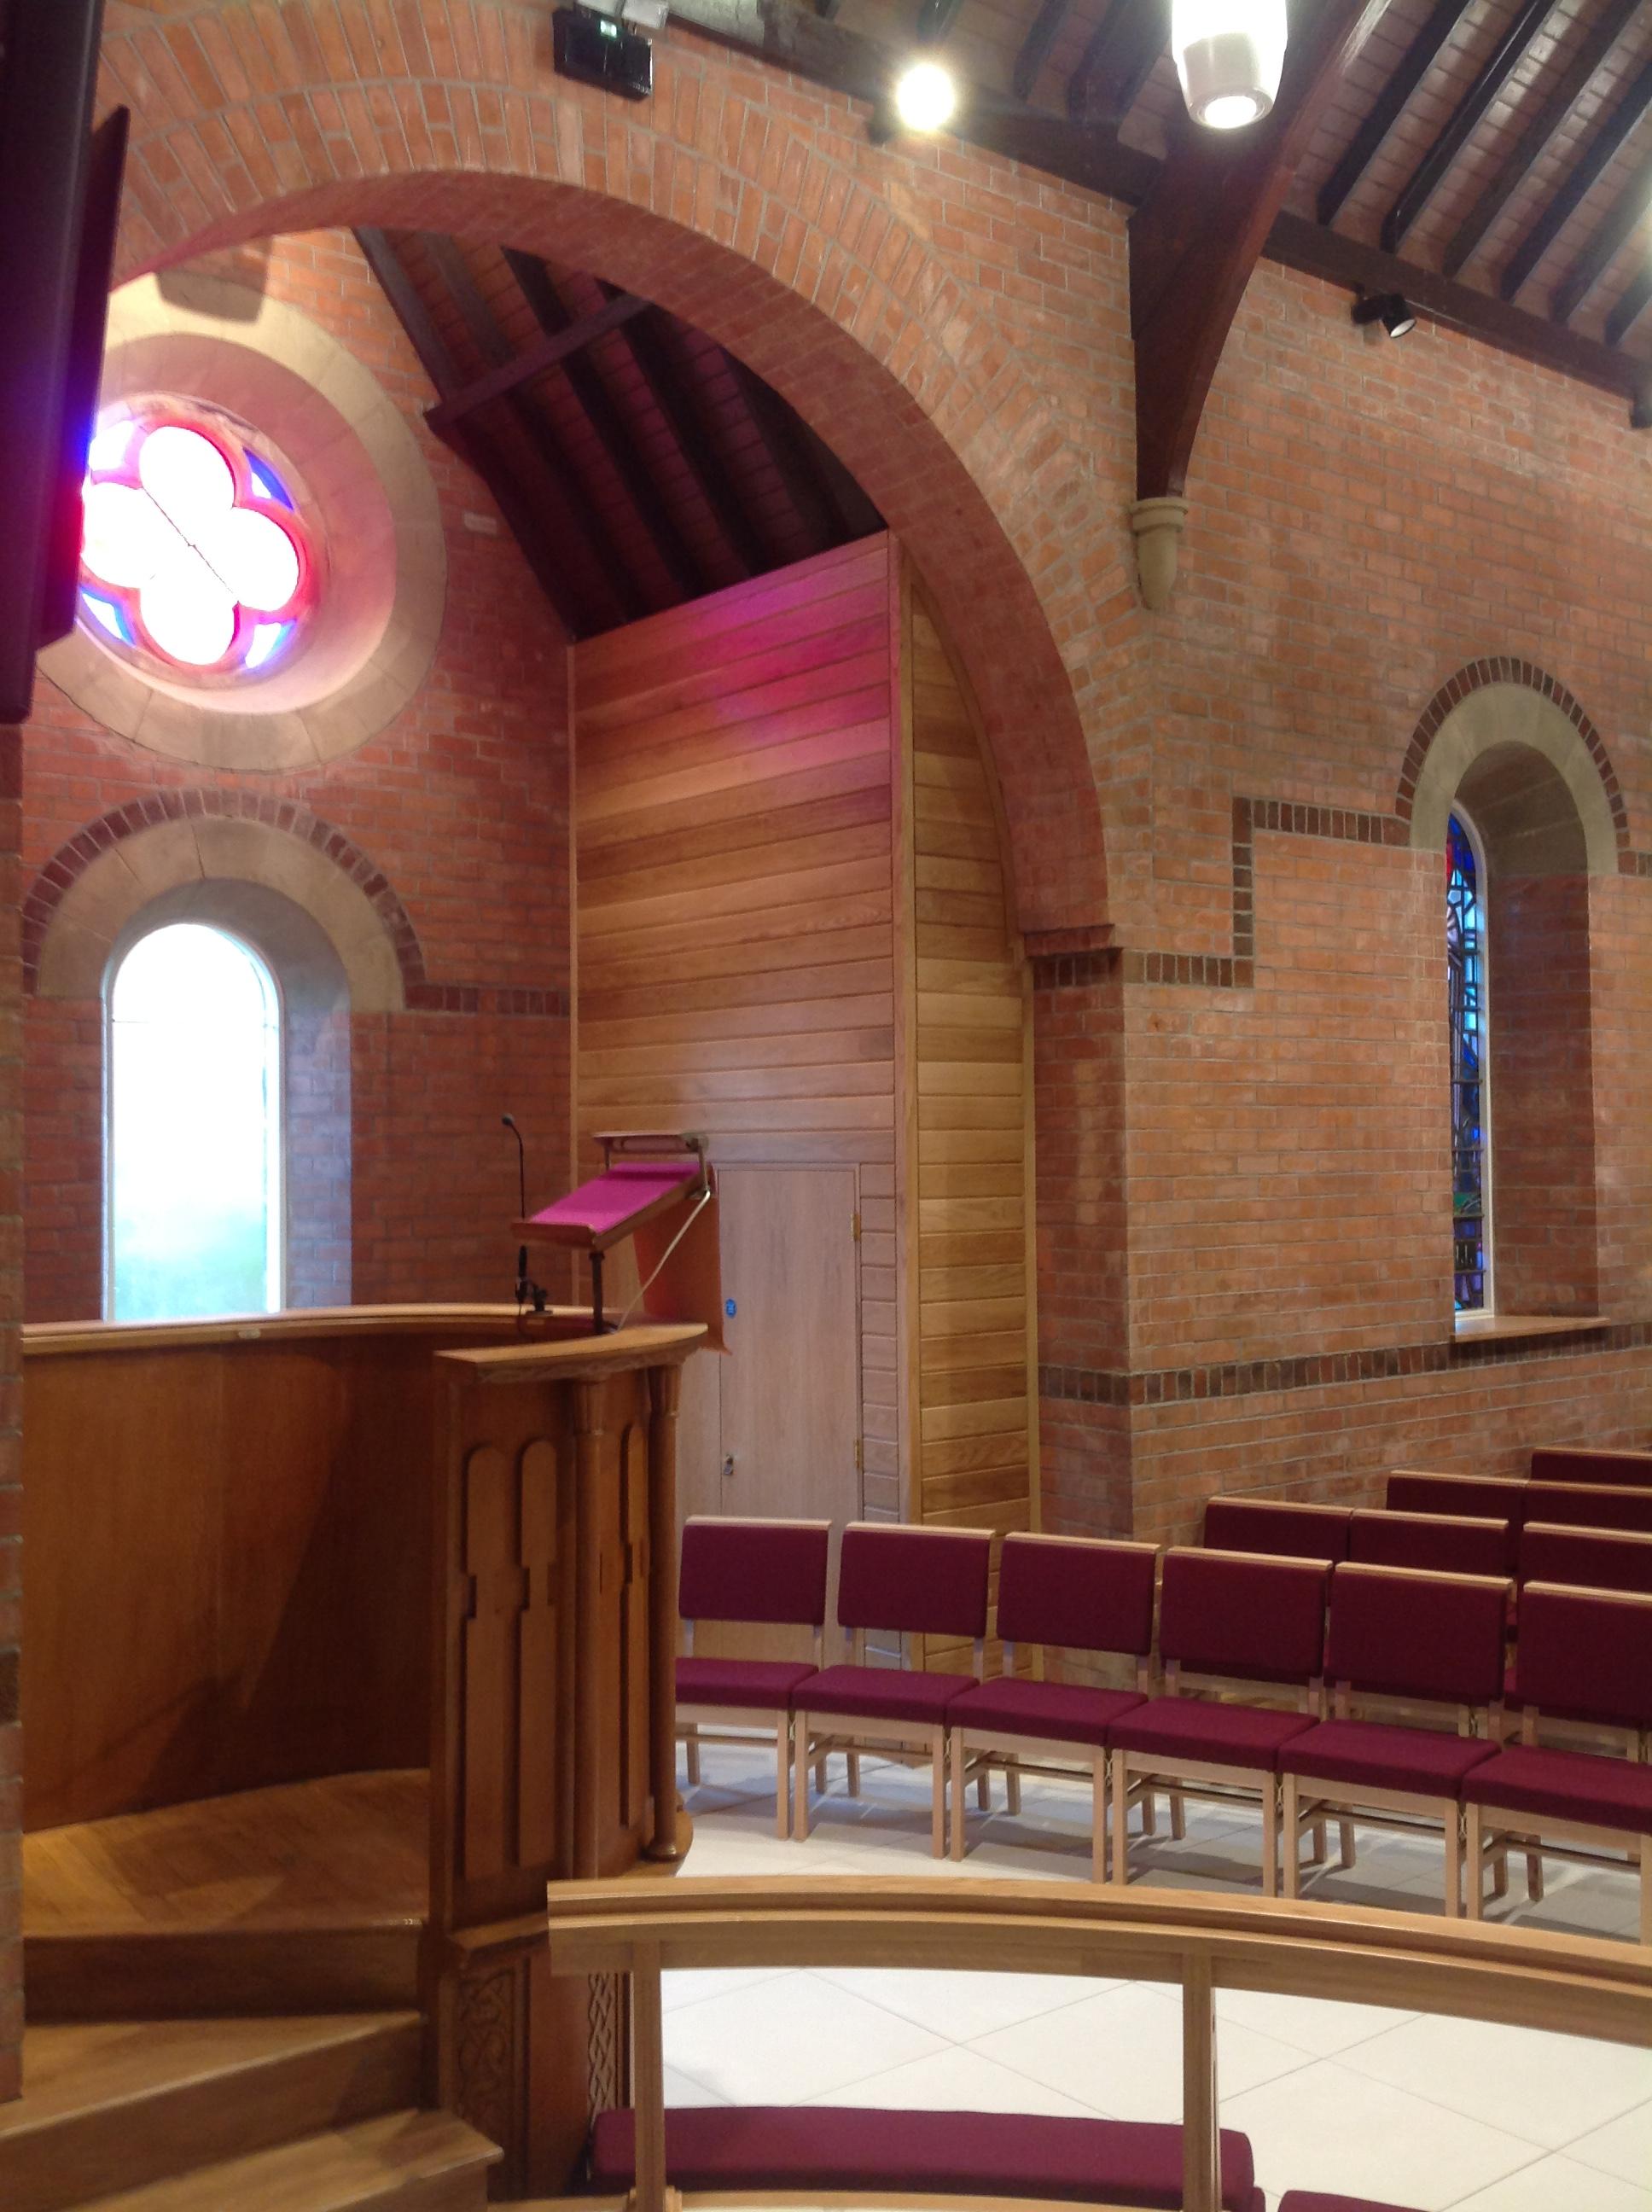 St Columbanus Parish, Ballyholme